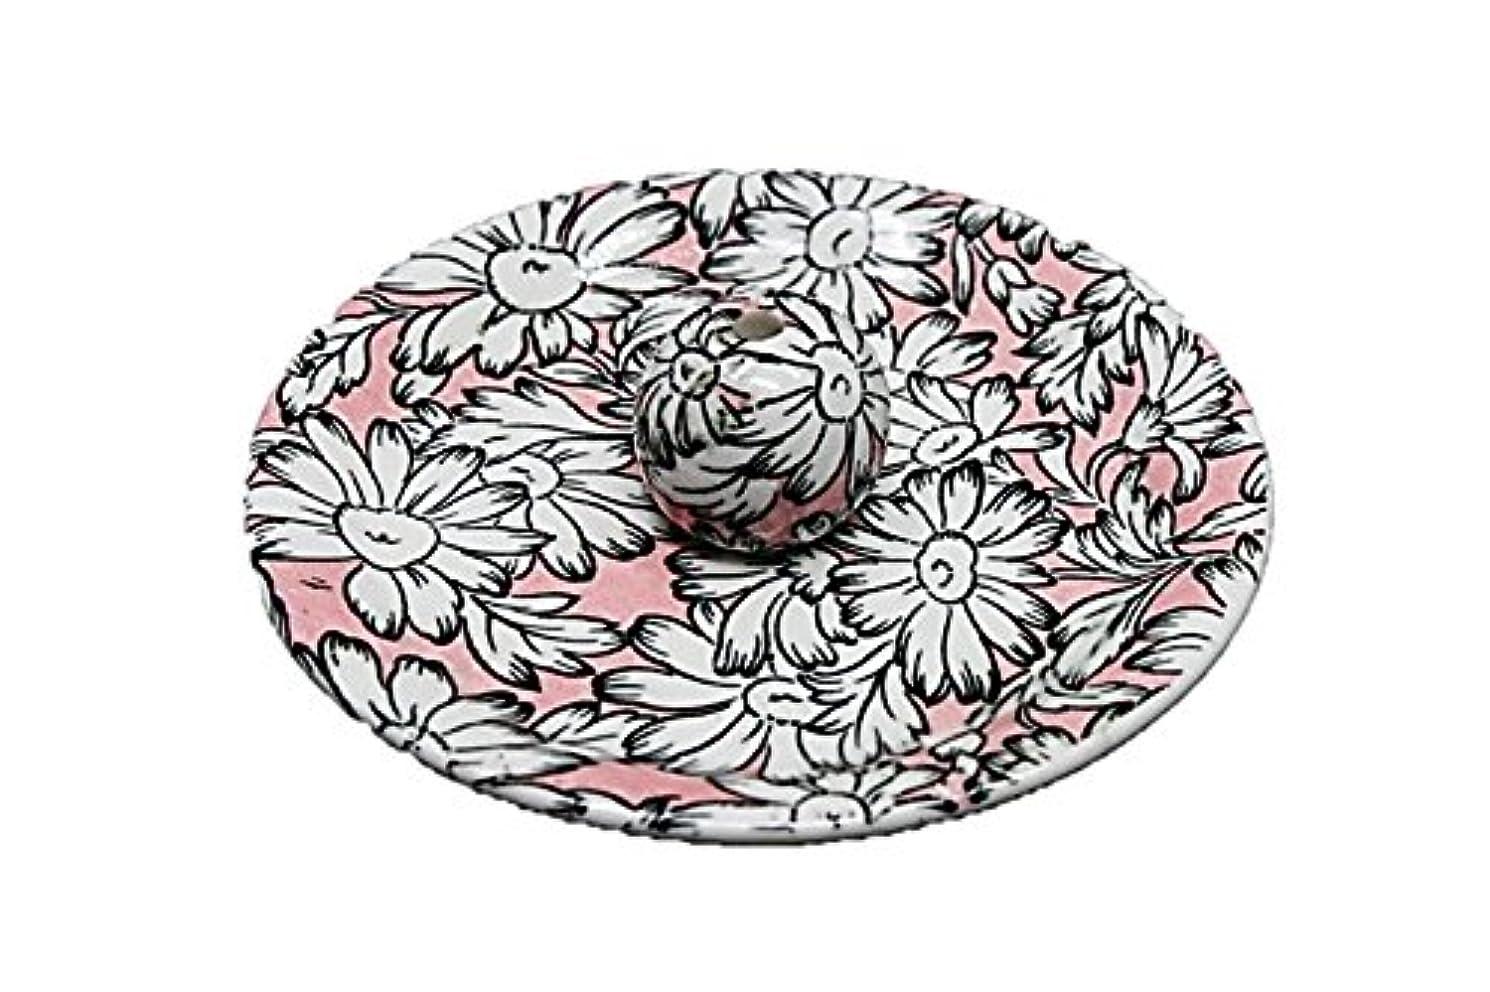 角度進行中イブニング9-22 マーガレットピンク 9cm香皿 お香立て お香たて 陶器 日本製 製造?直売品